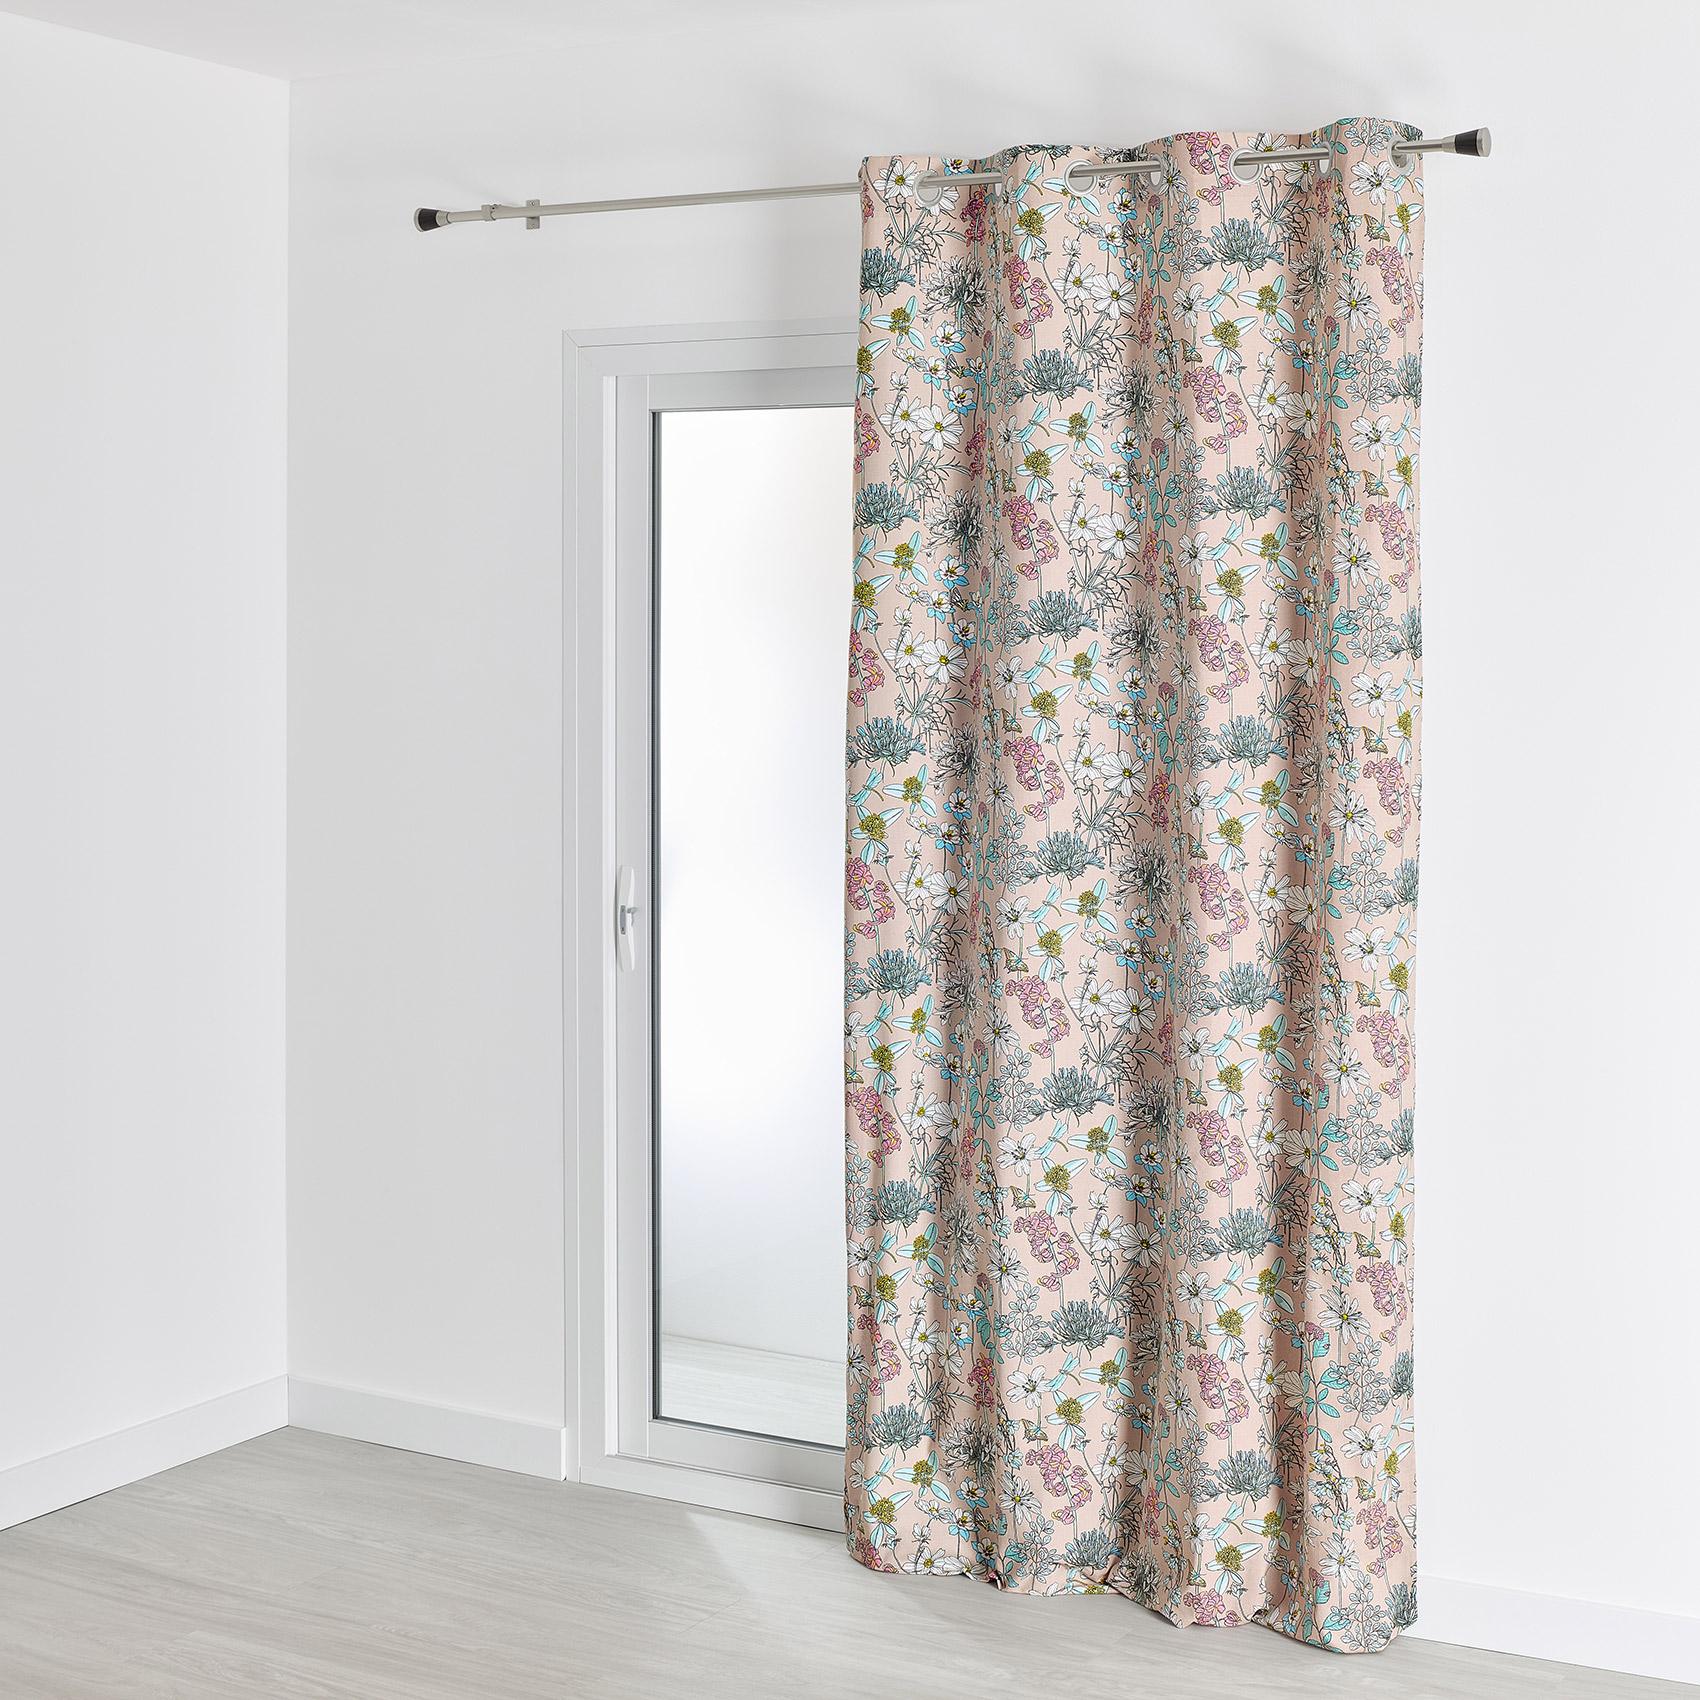 Rideau d'ameublement aux impressions fleuries coton rose 260x140